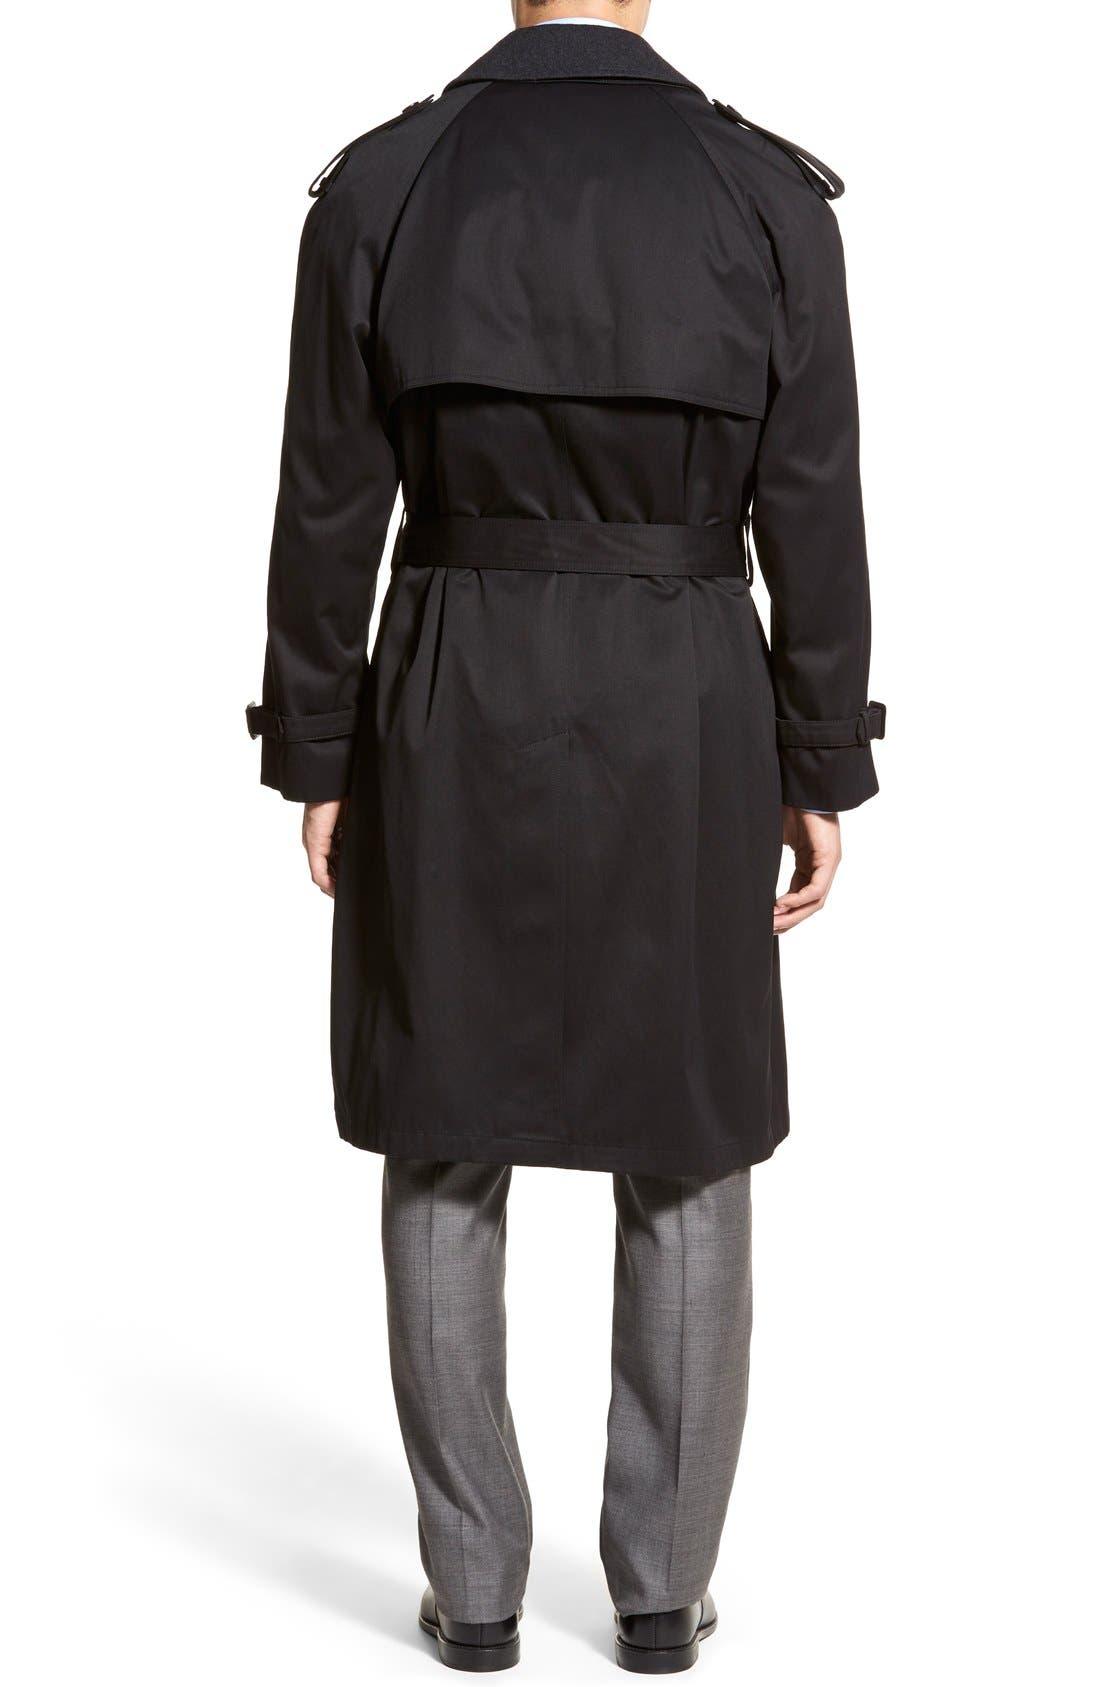 Barrington Classic Fit Cotton Blend Trench Coat,                             Alternate thumbnail 2, color,                             001